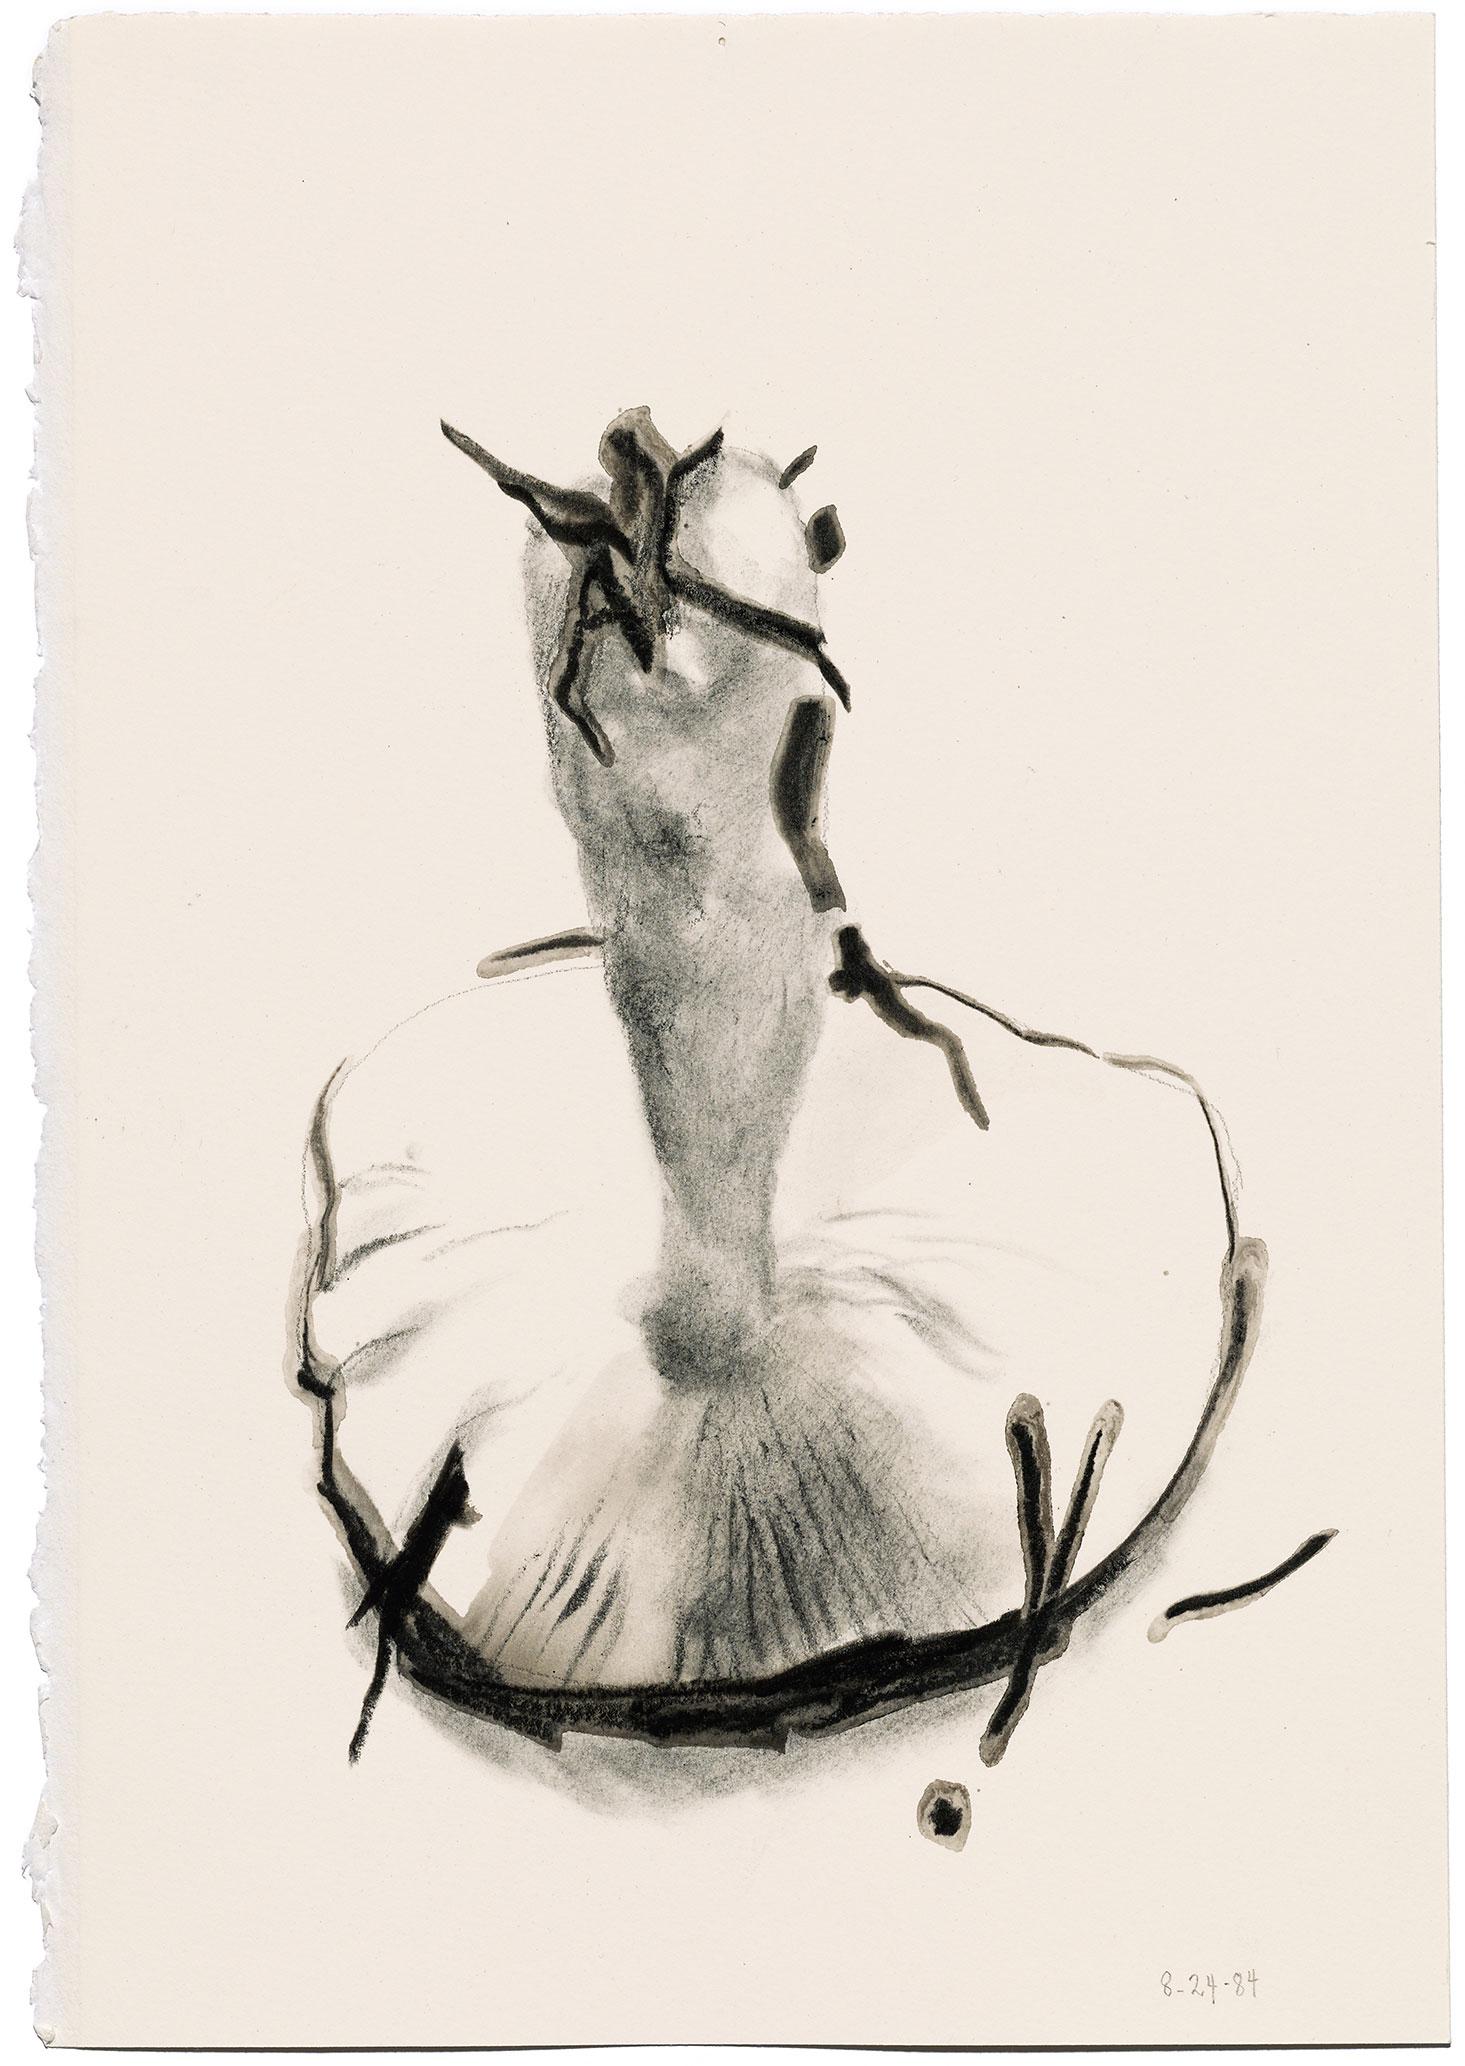 Irving Penn,  Mushroom , 1984. Charcoal on paper. © The Irving Penn Foundation